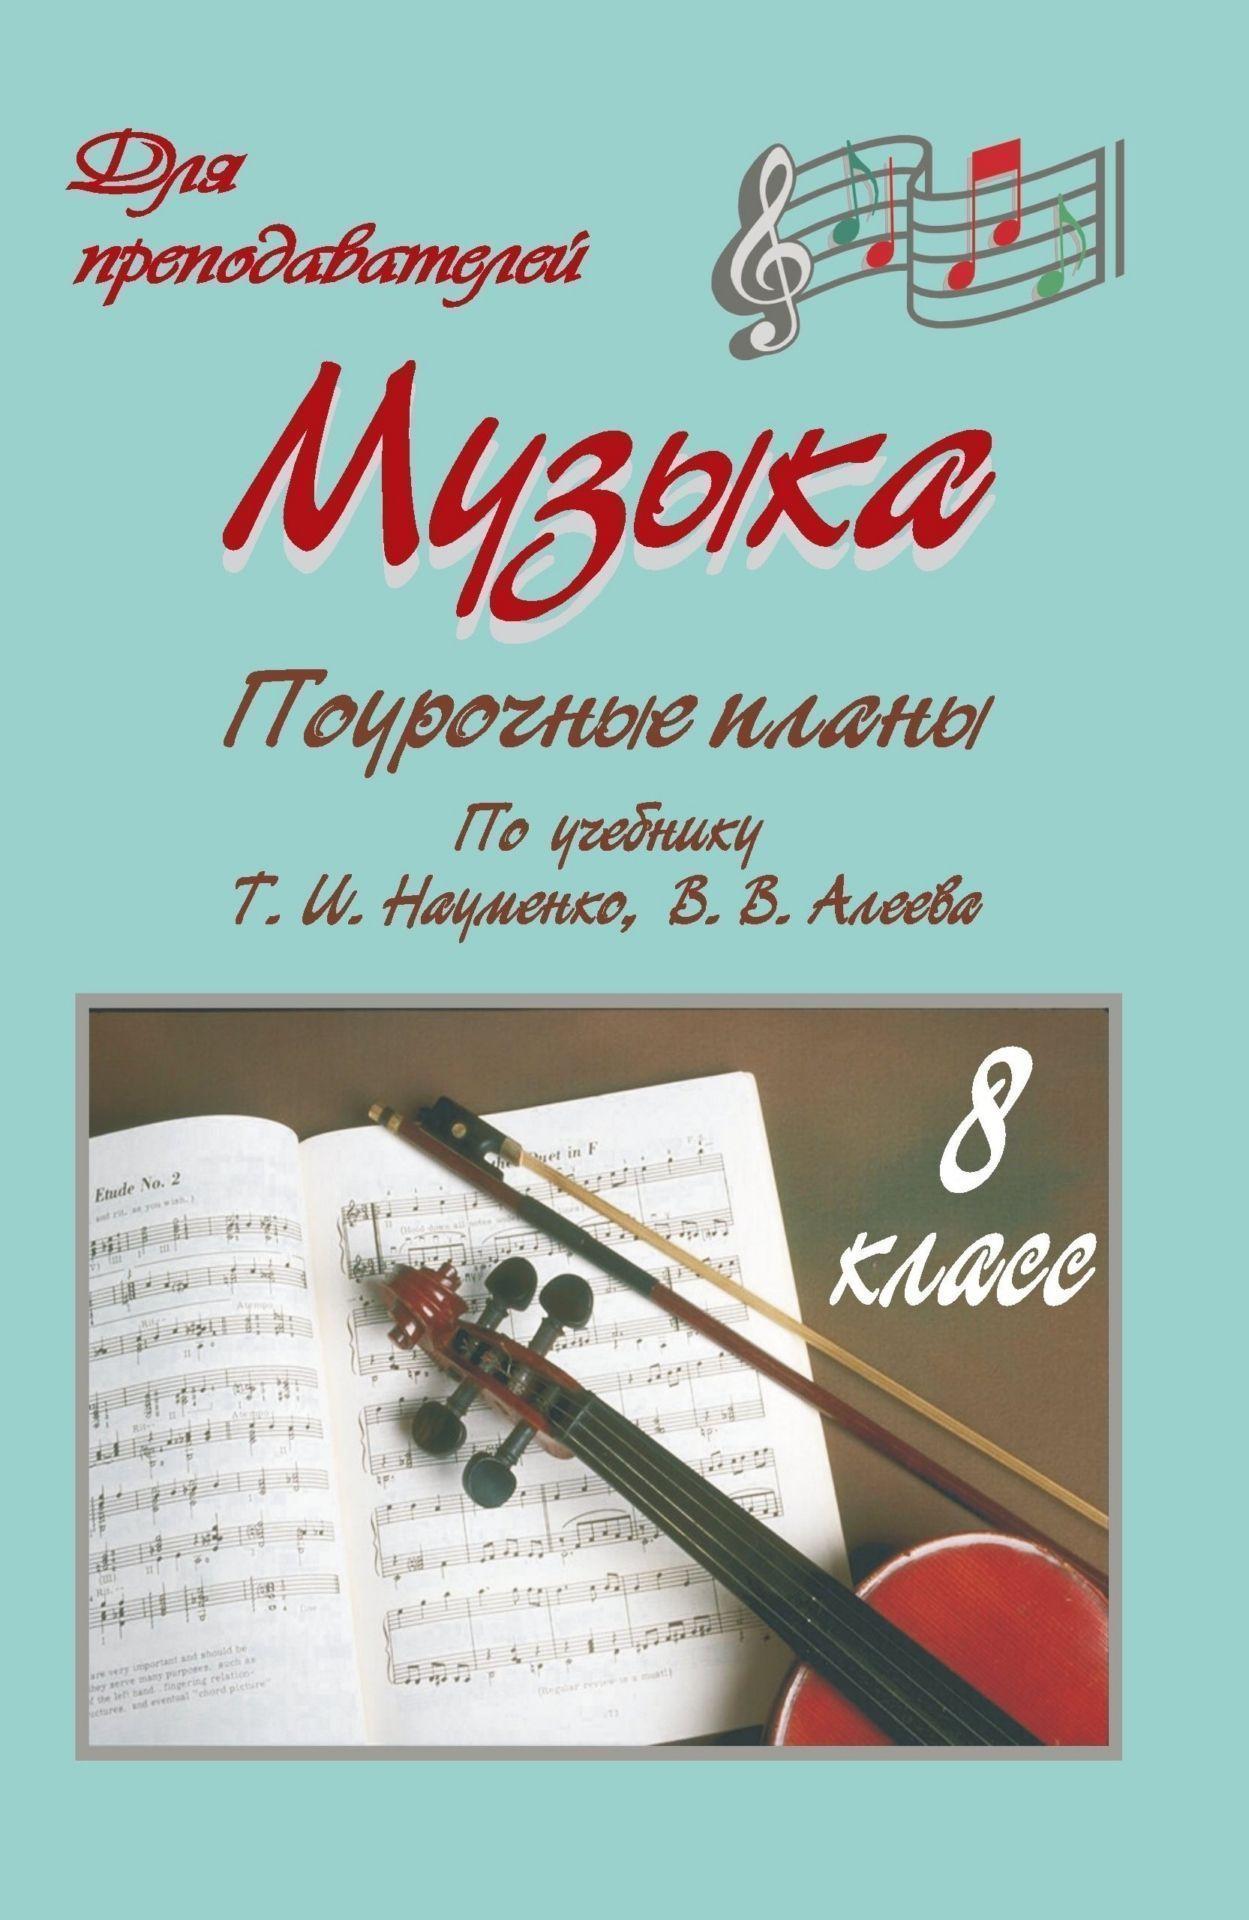 Музыка. 8 класс: поурочные планыПредметы<br>В пособии представлено поурочное планирование уроков музыки в 8 классе. Материал разработан в соответствии с концепцией Д. Б. Кабалевского, реализуемой на основании учебно-методического комплекса Т. И. Науменко, В. В. Алеева Музыка. 8 класс (М.: Дрофа, ...<br><br>Авторы: Самигулина В. М.<br>Год: 2009<br>Серия: Для преподавателей<br>ISBN: 978-5-7057-1978-5<br>Высота: 213<br>Ширина: 138<br>Толщина: 8